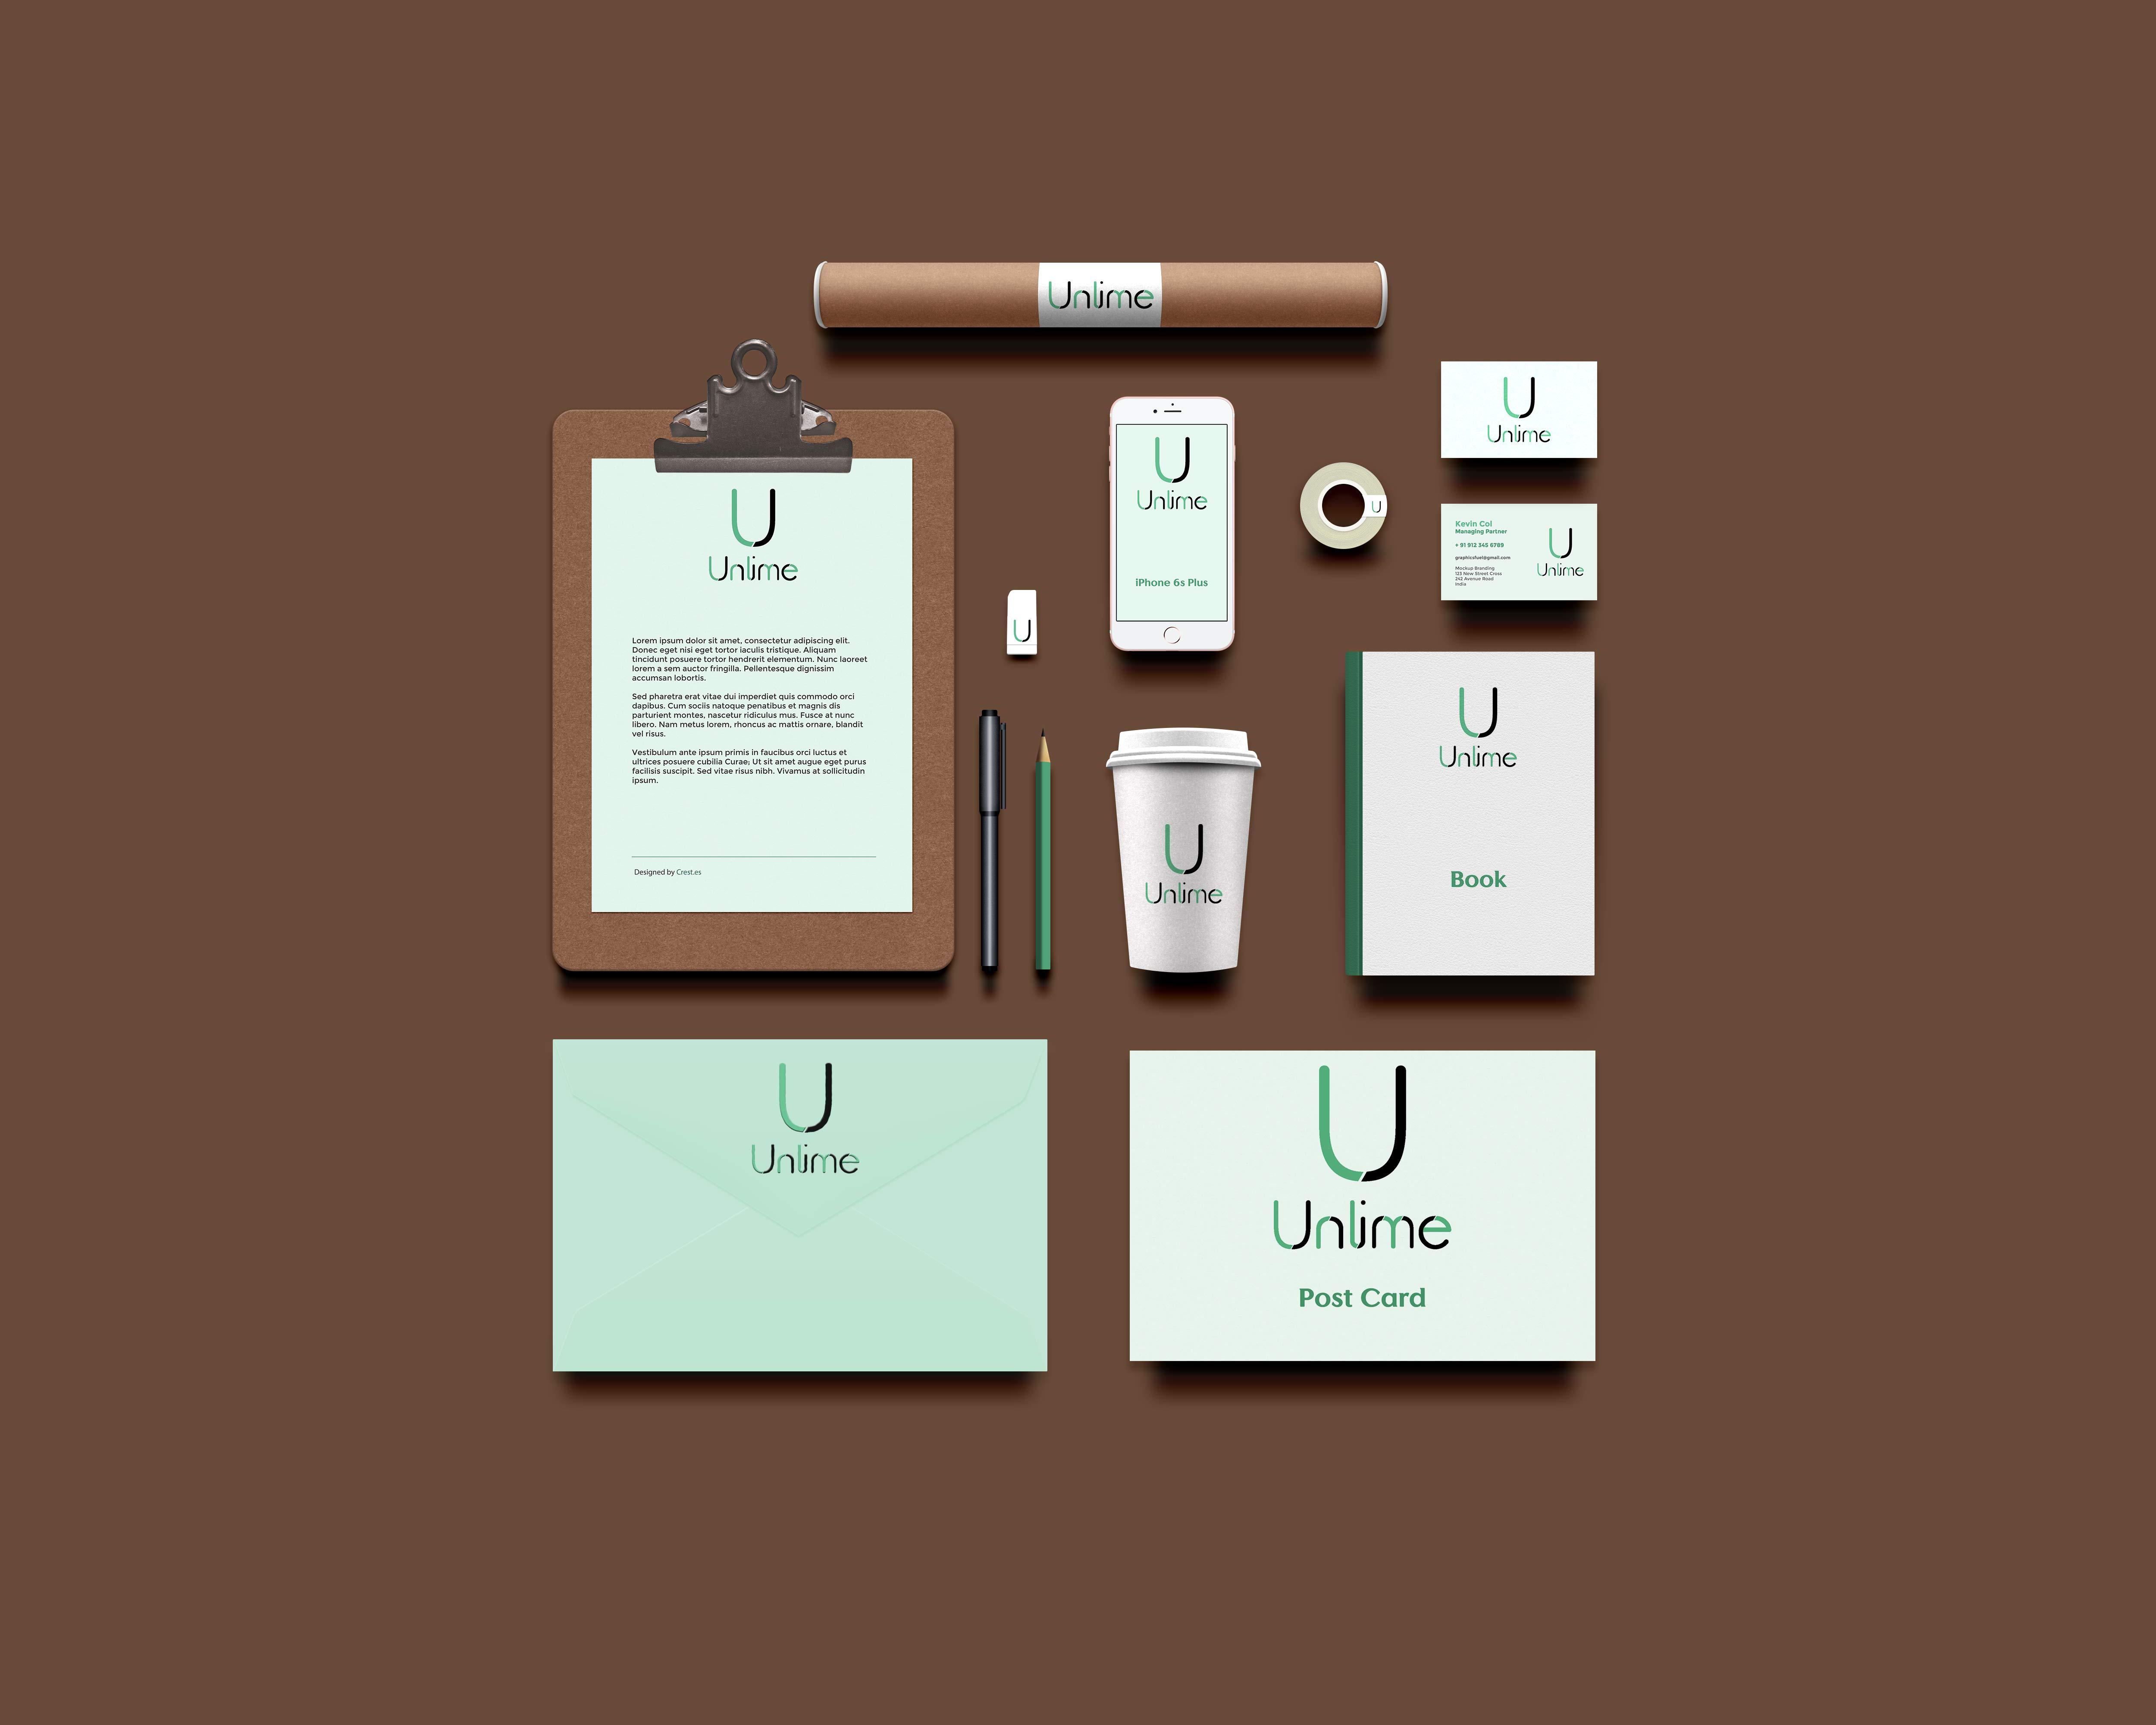 Разработка логотипа и фирменного стиля фото f_798594582642e508.jpg